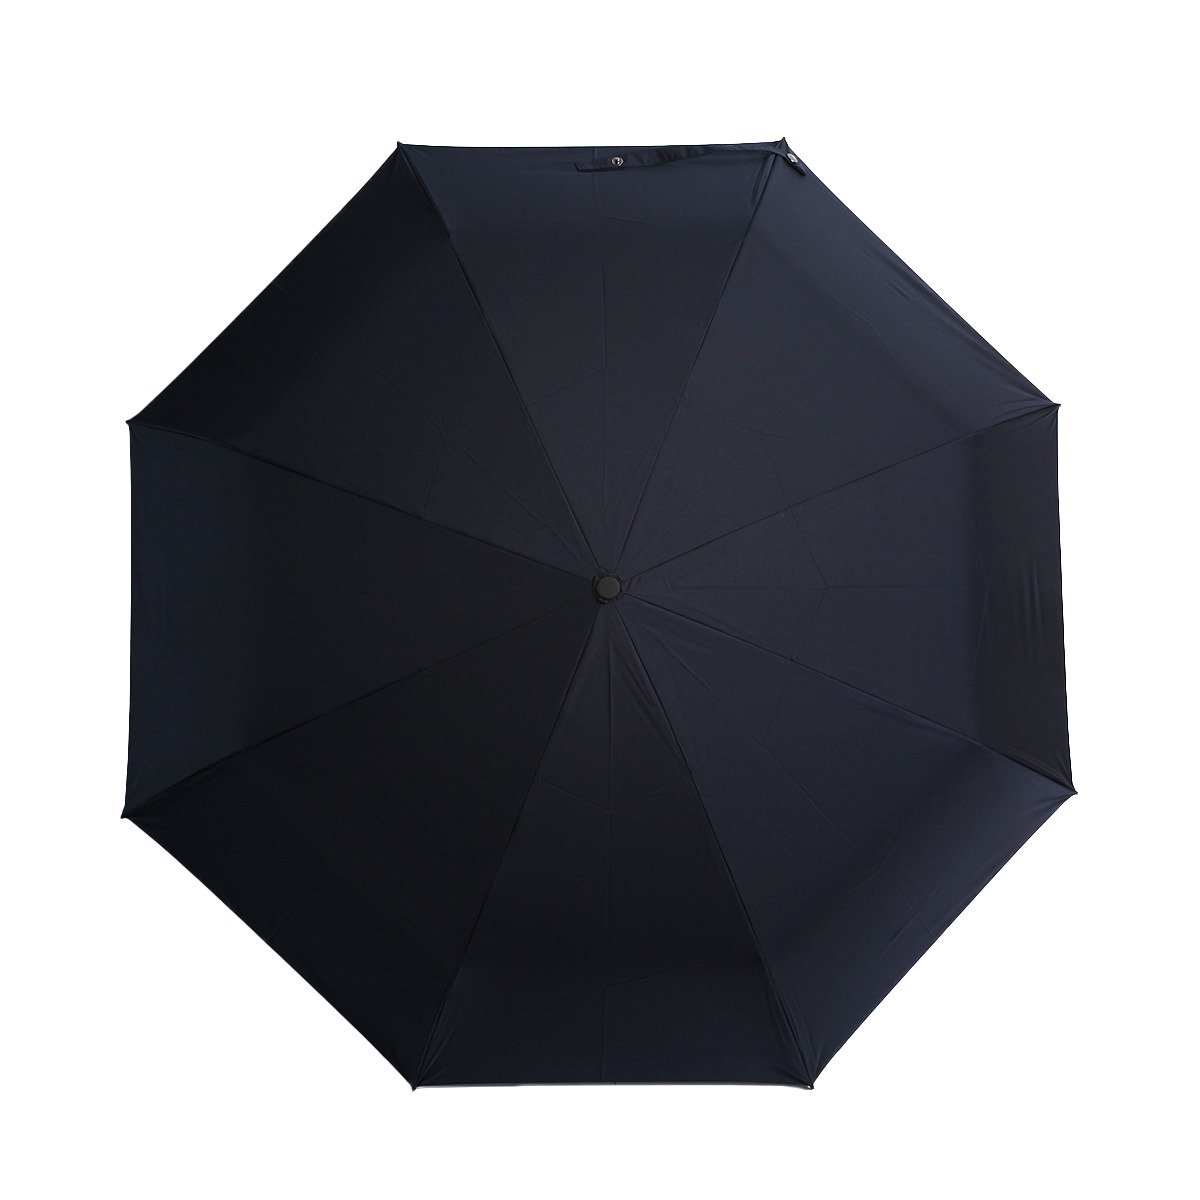 自動開閉 強力撥水 レインドロップ レクタス 折りたたみ傘 詳細画像8